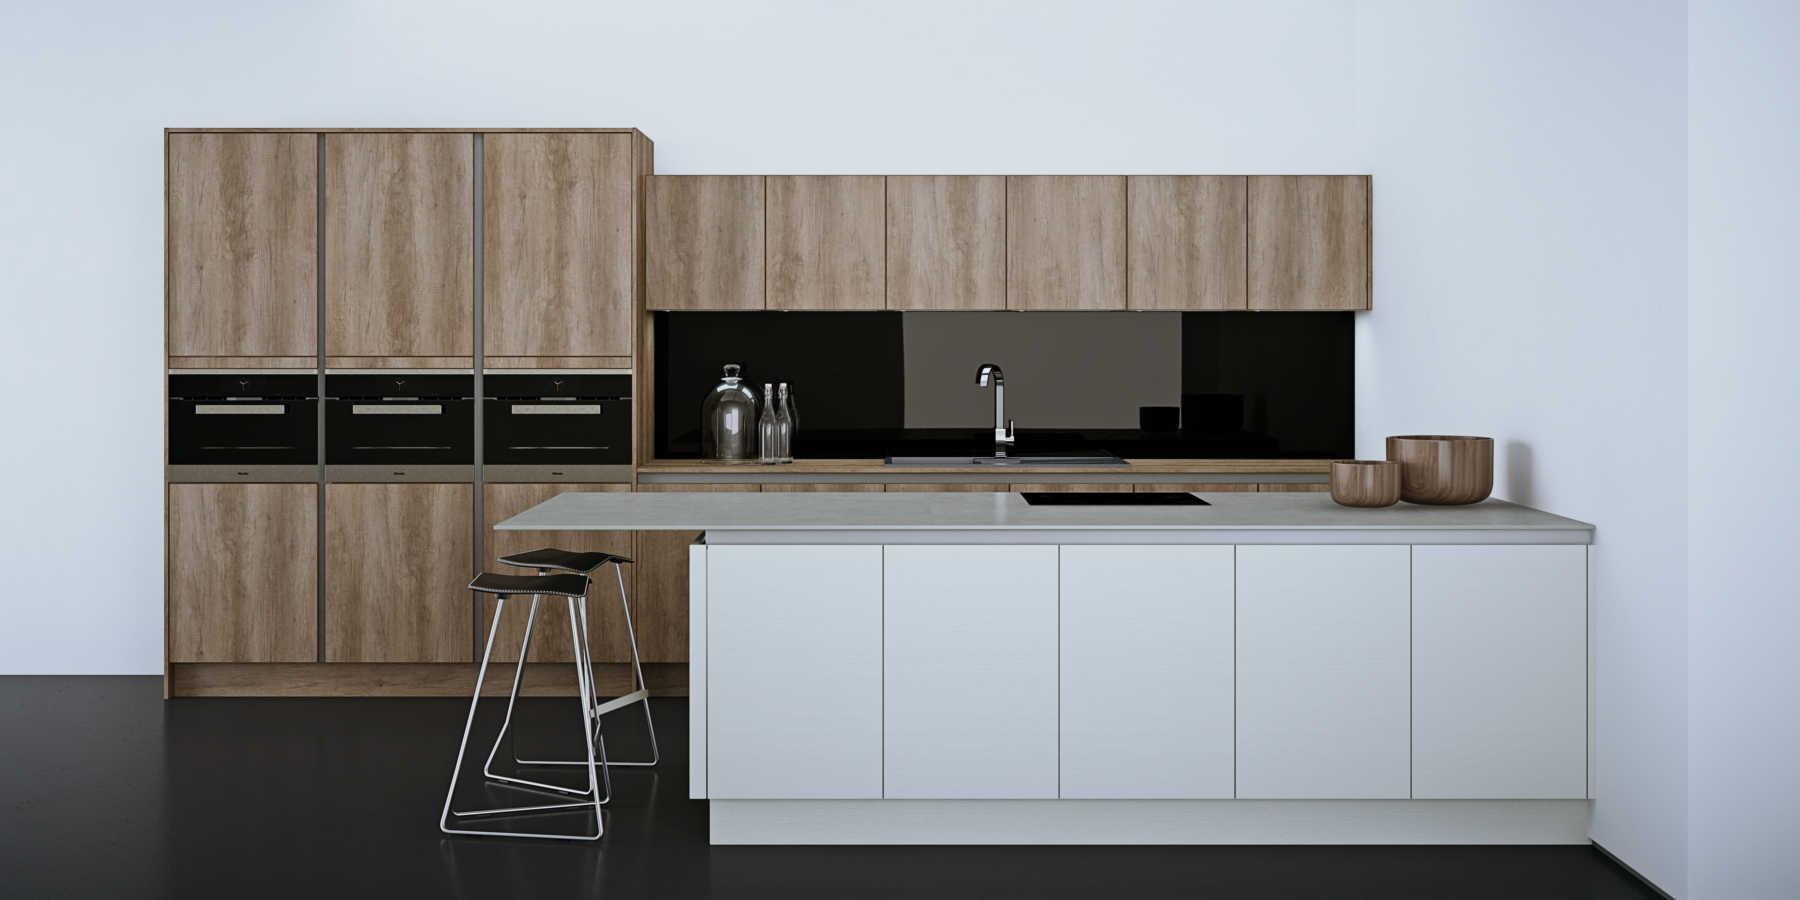 18mm Mfc Door Panel Water Resistant With Sink Kitchen ...